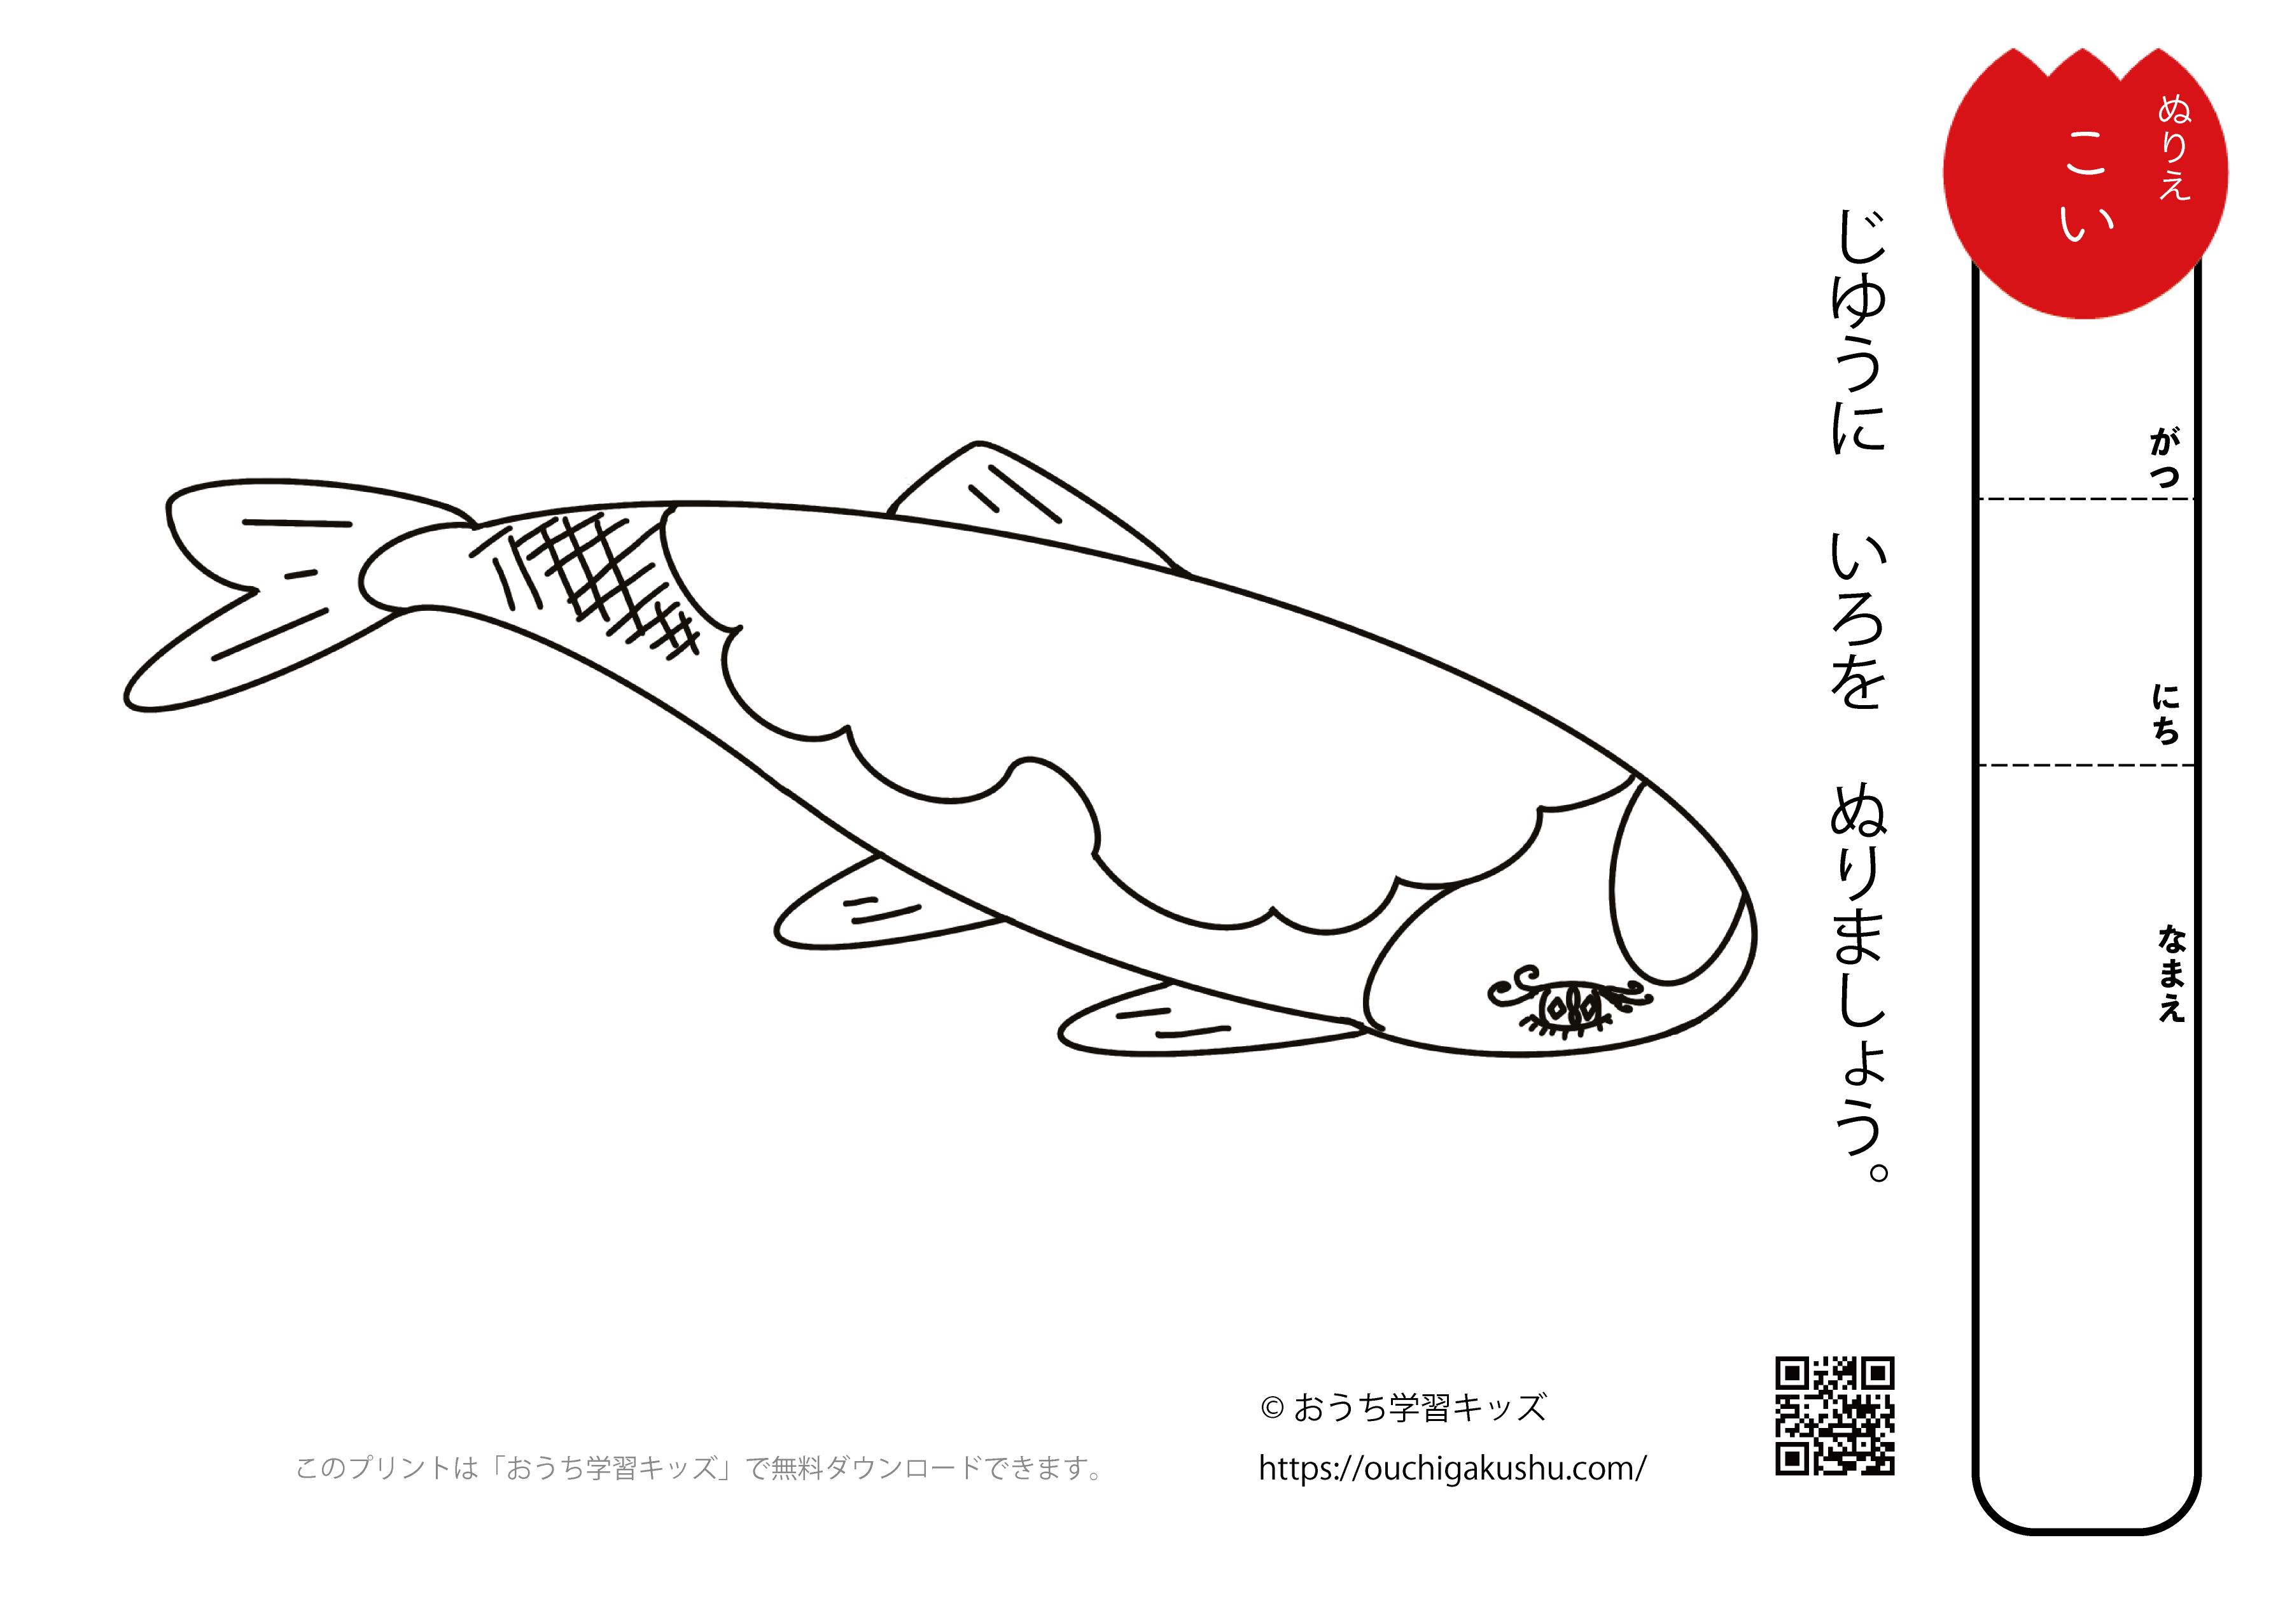 無料ぬりえプリント「コイ(鯉)」